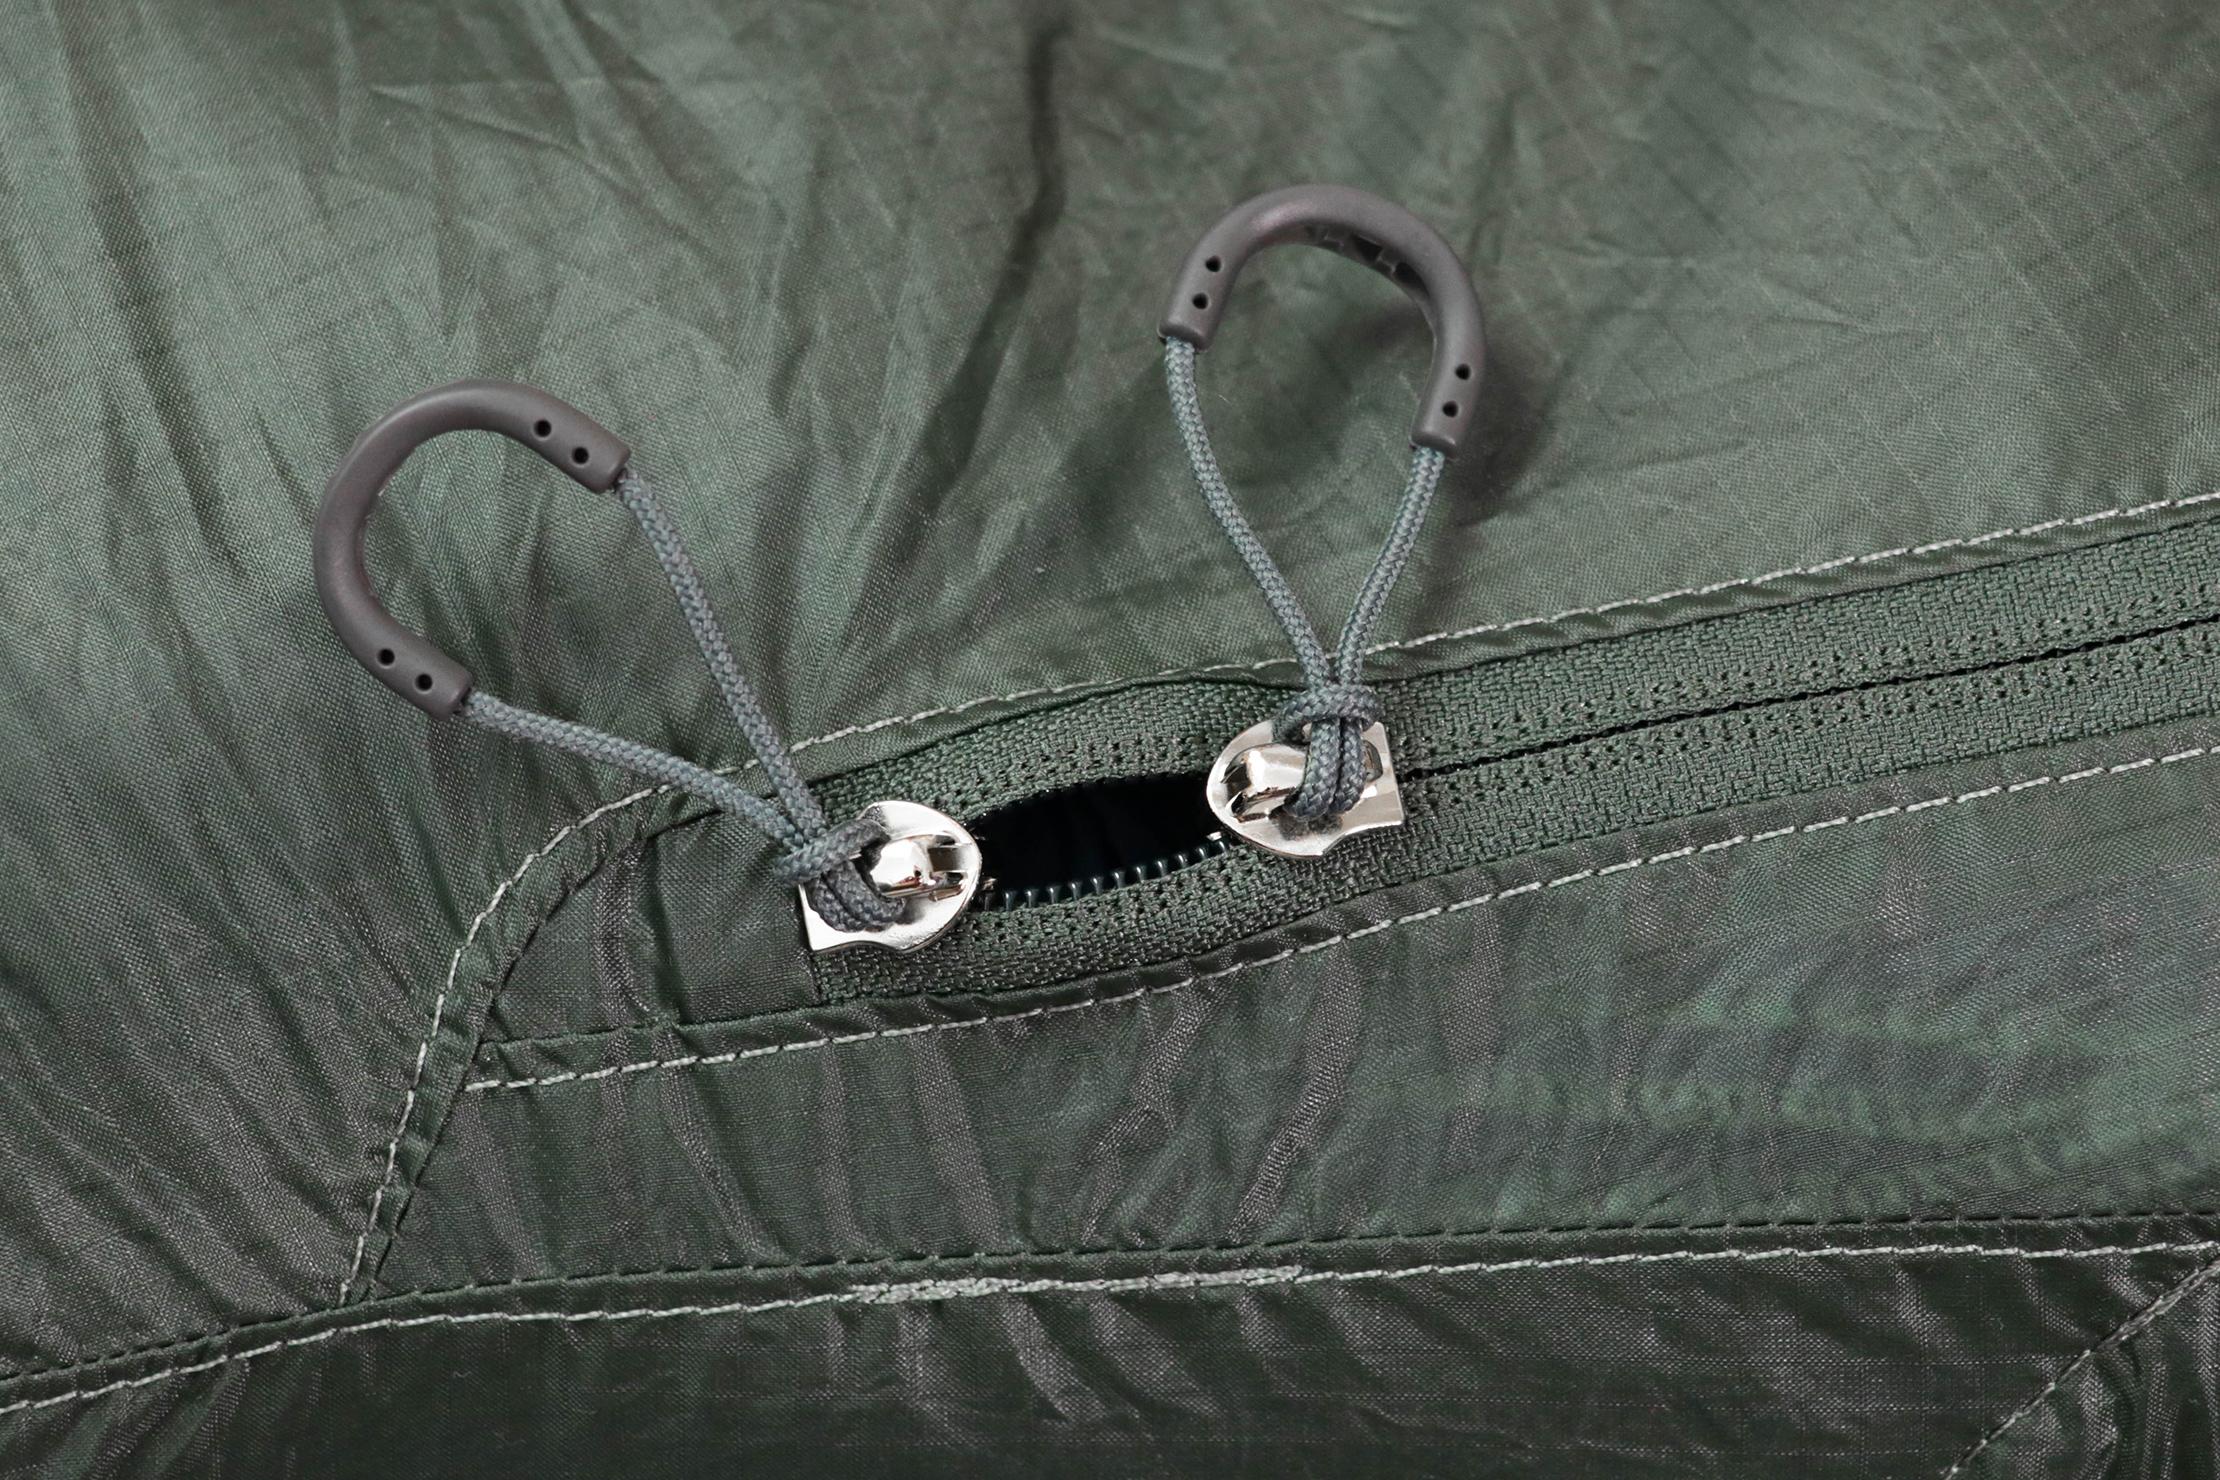 Osprey Ultralight Stuff Pack Zippers